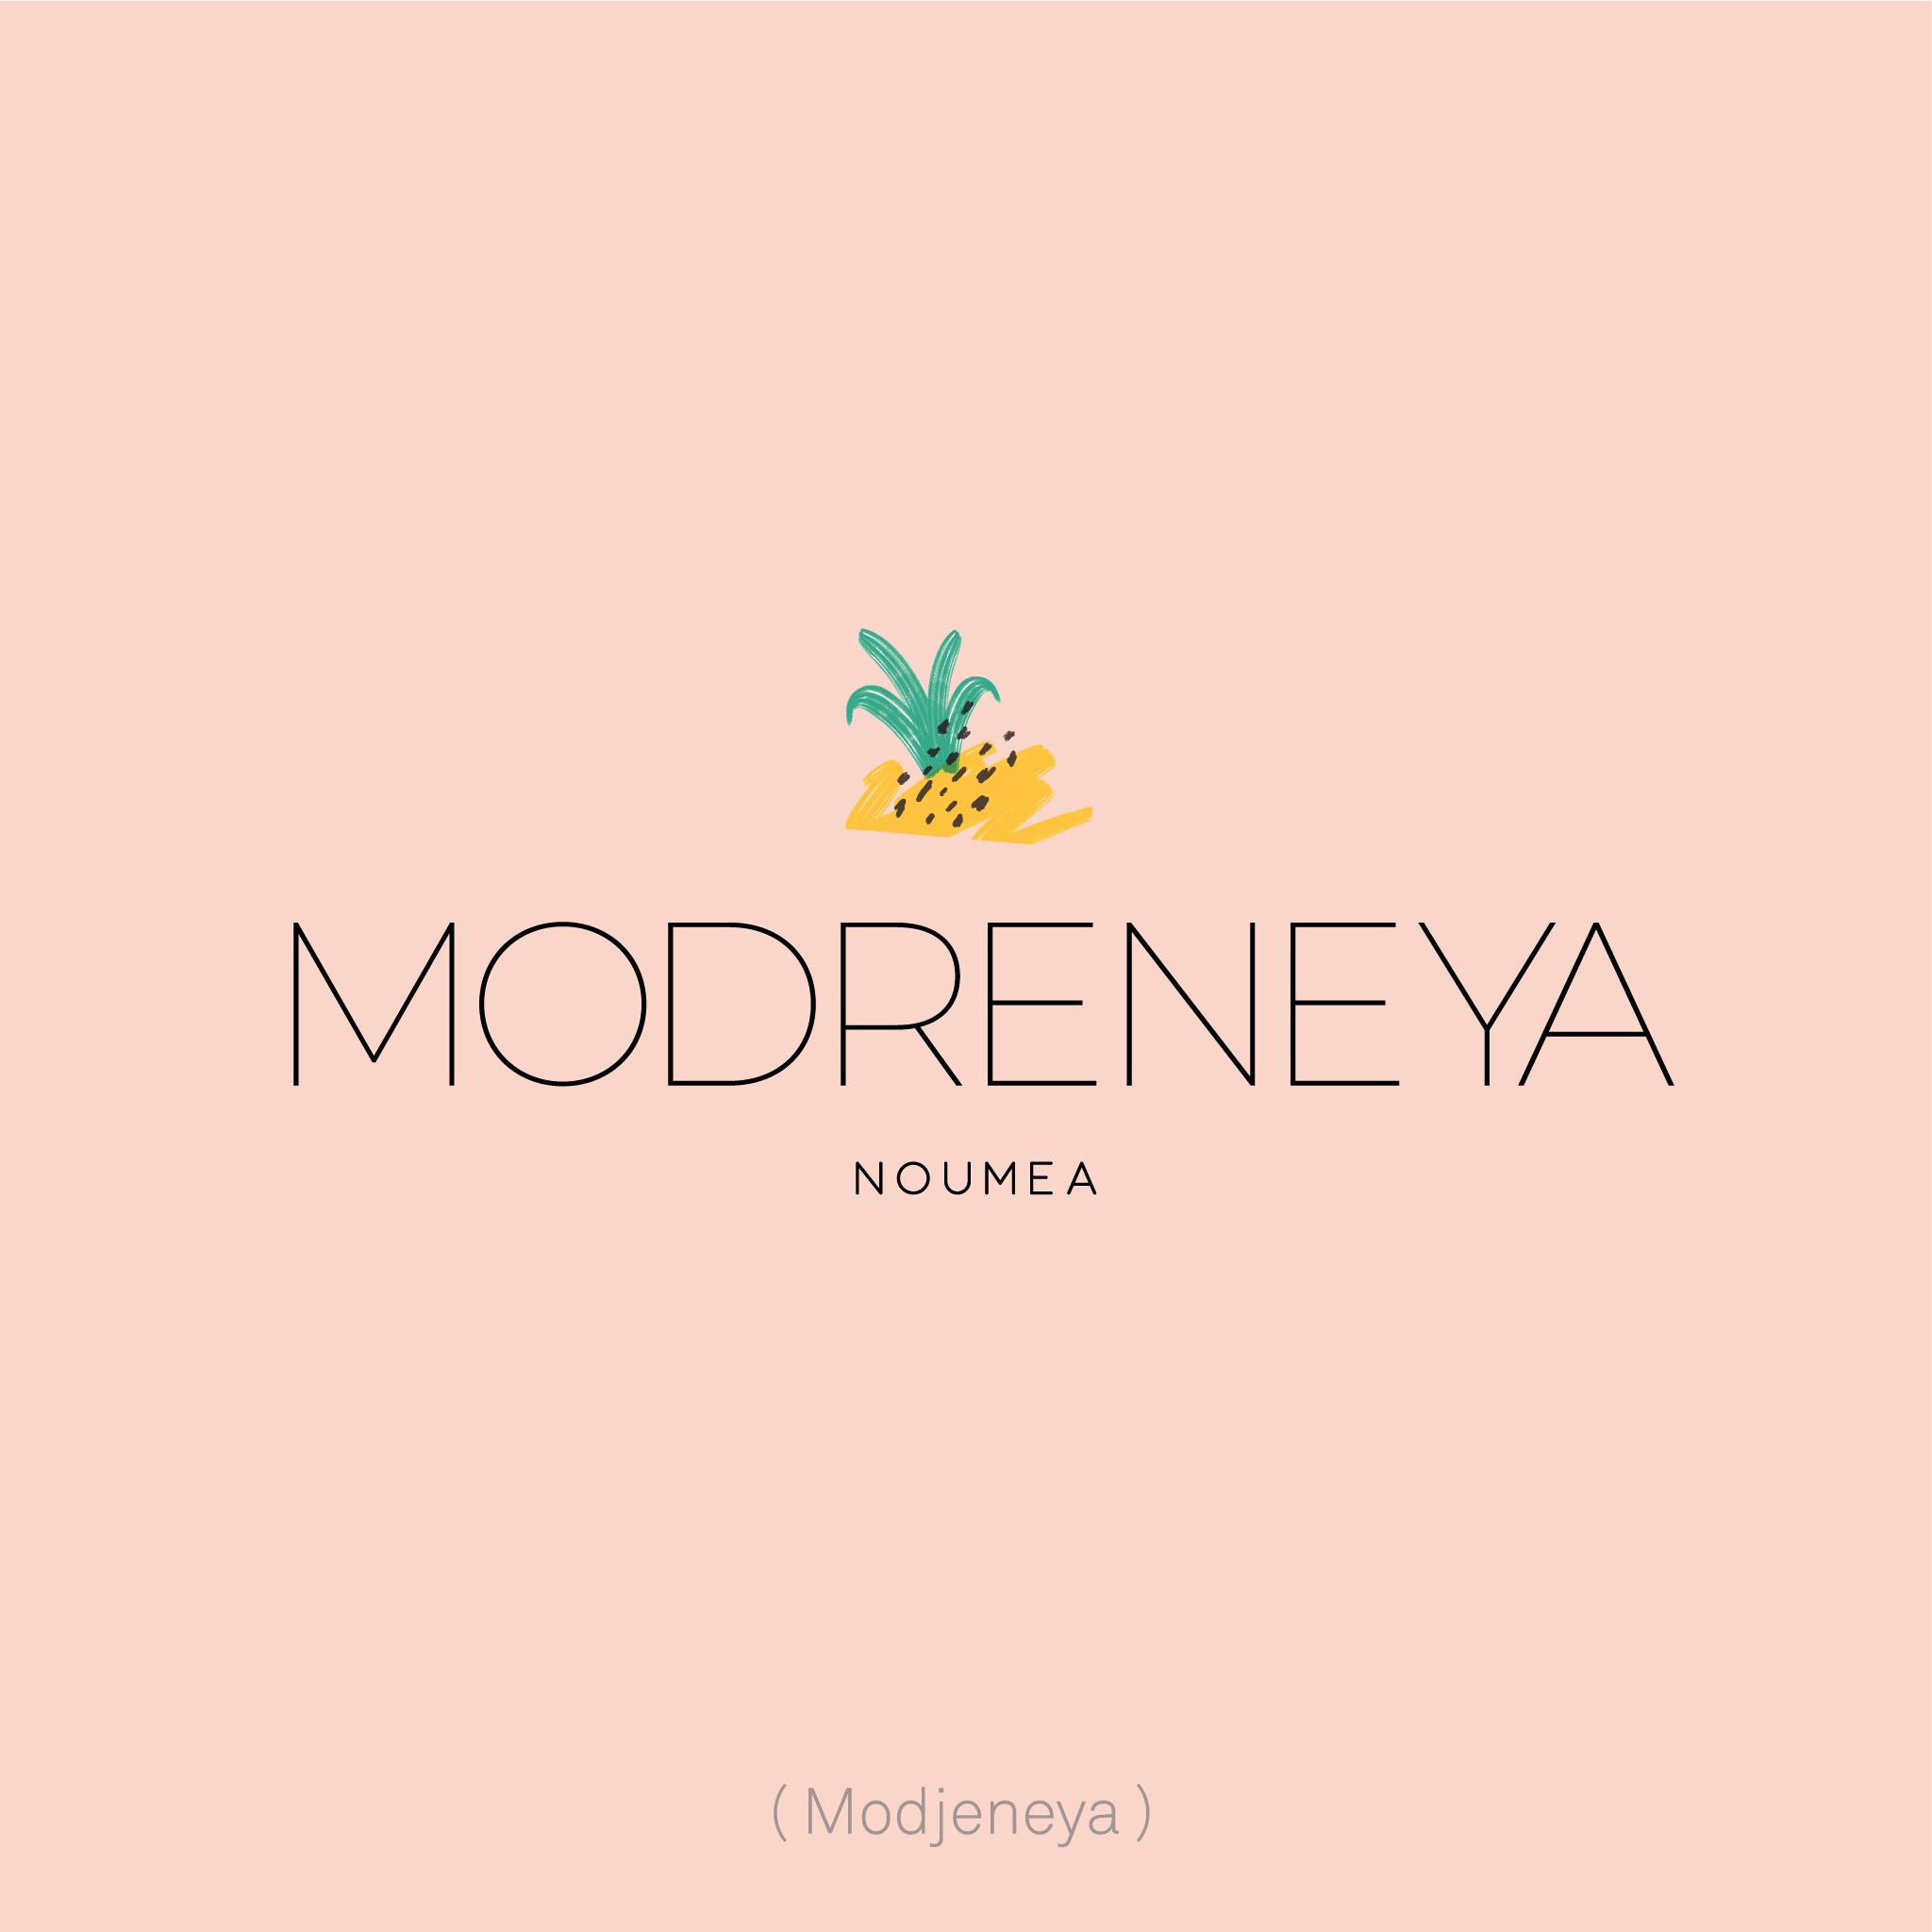 MODRENEYA-CMJN-2048